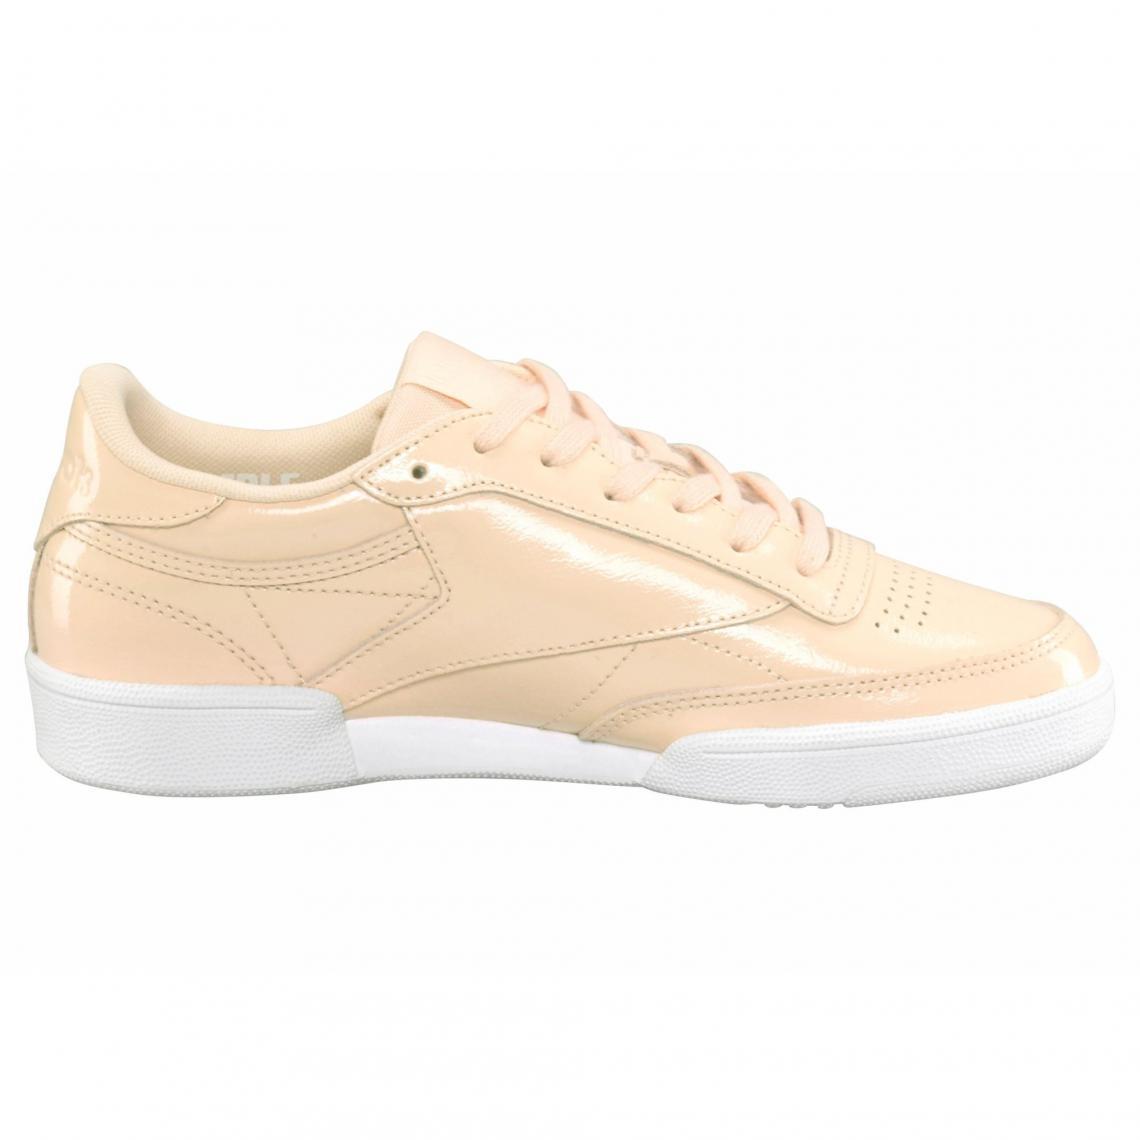 f7c0cb6d127 Sneakers en cuir verni brillant femme Classique Club C85 Patent ...